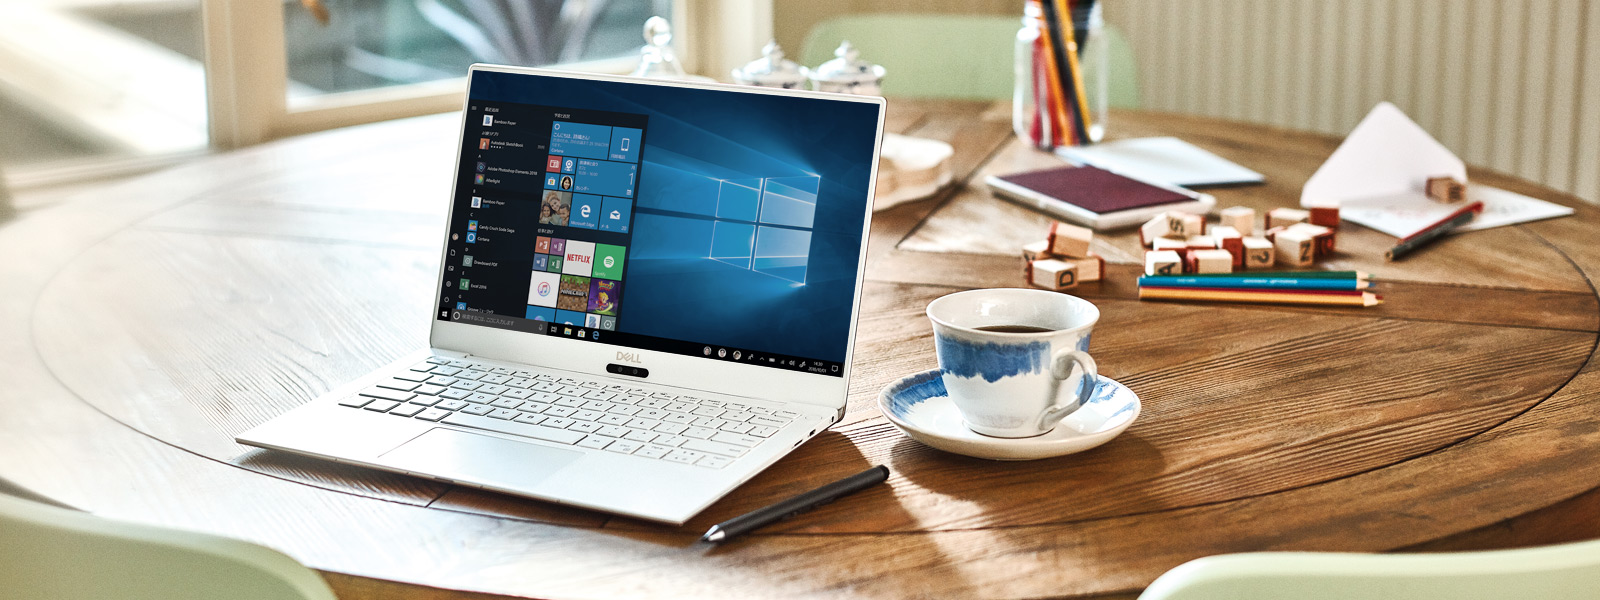 Windows 10 のスタート画面が表示された Dell XPS 13 9370 がテーブルに置かれています。